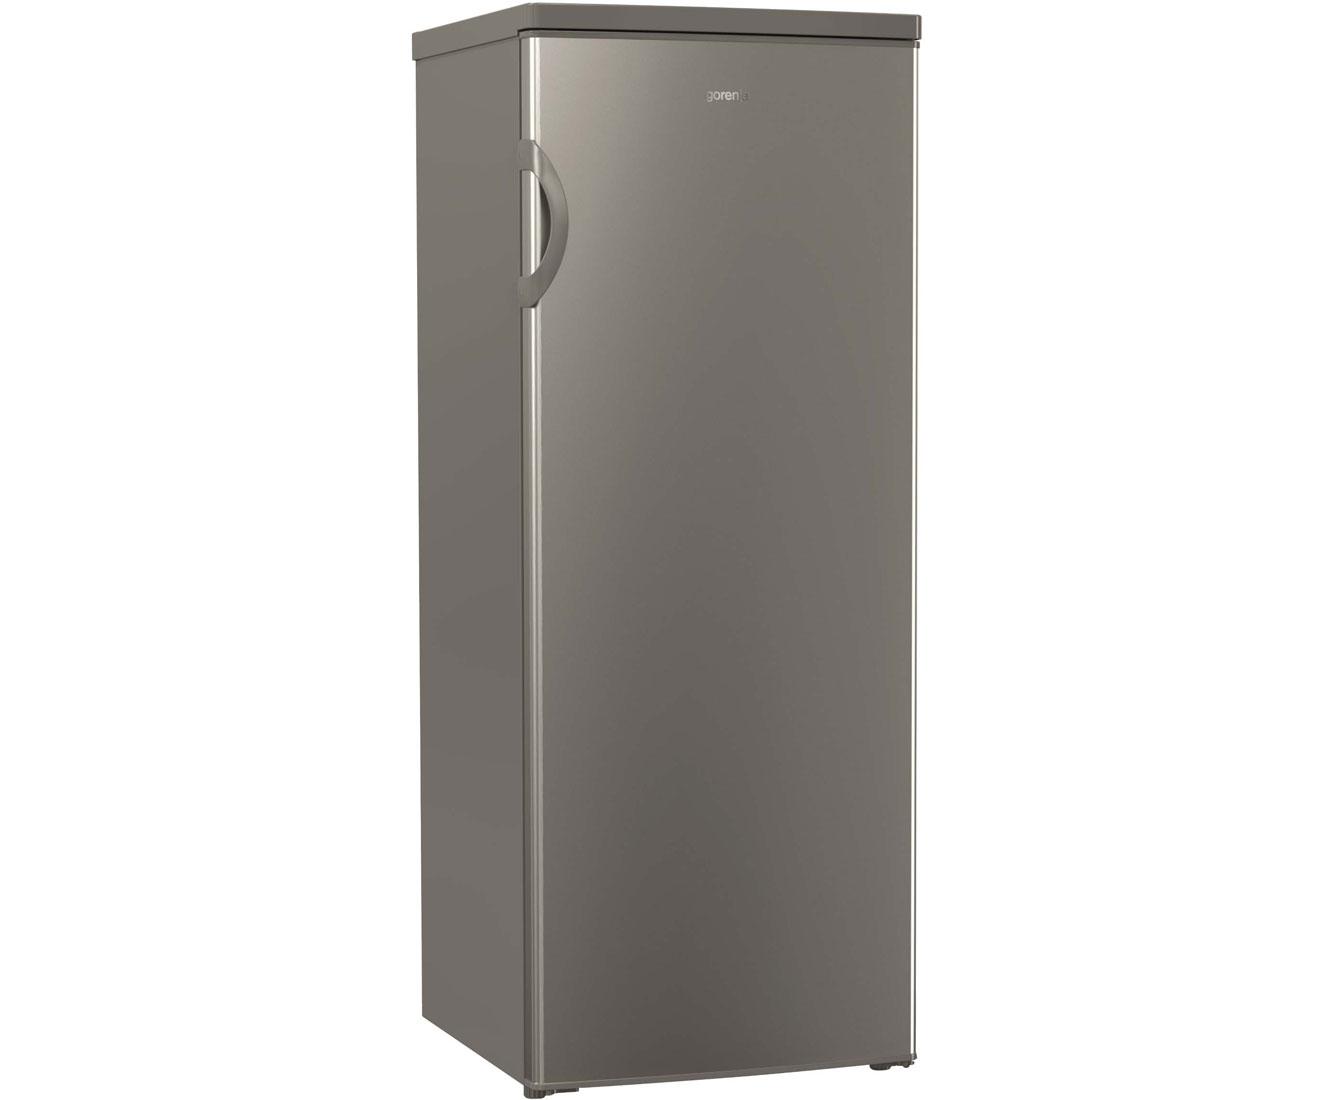 Kleiner Kühlschrank Silber : Edelstahl kühlschrank preisvergleich u2022 die besten angebote online kaufen